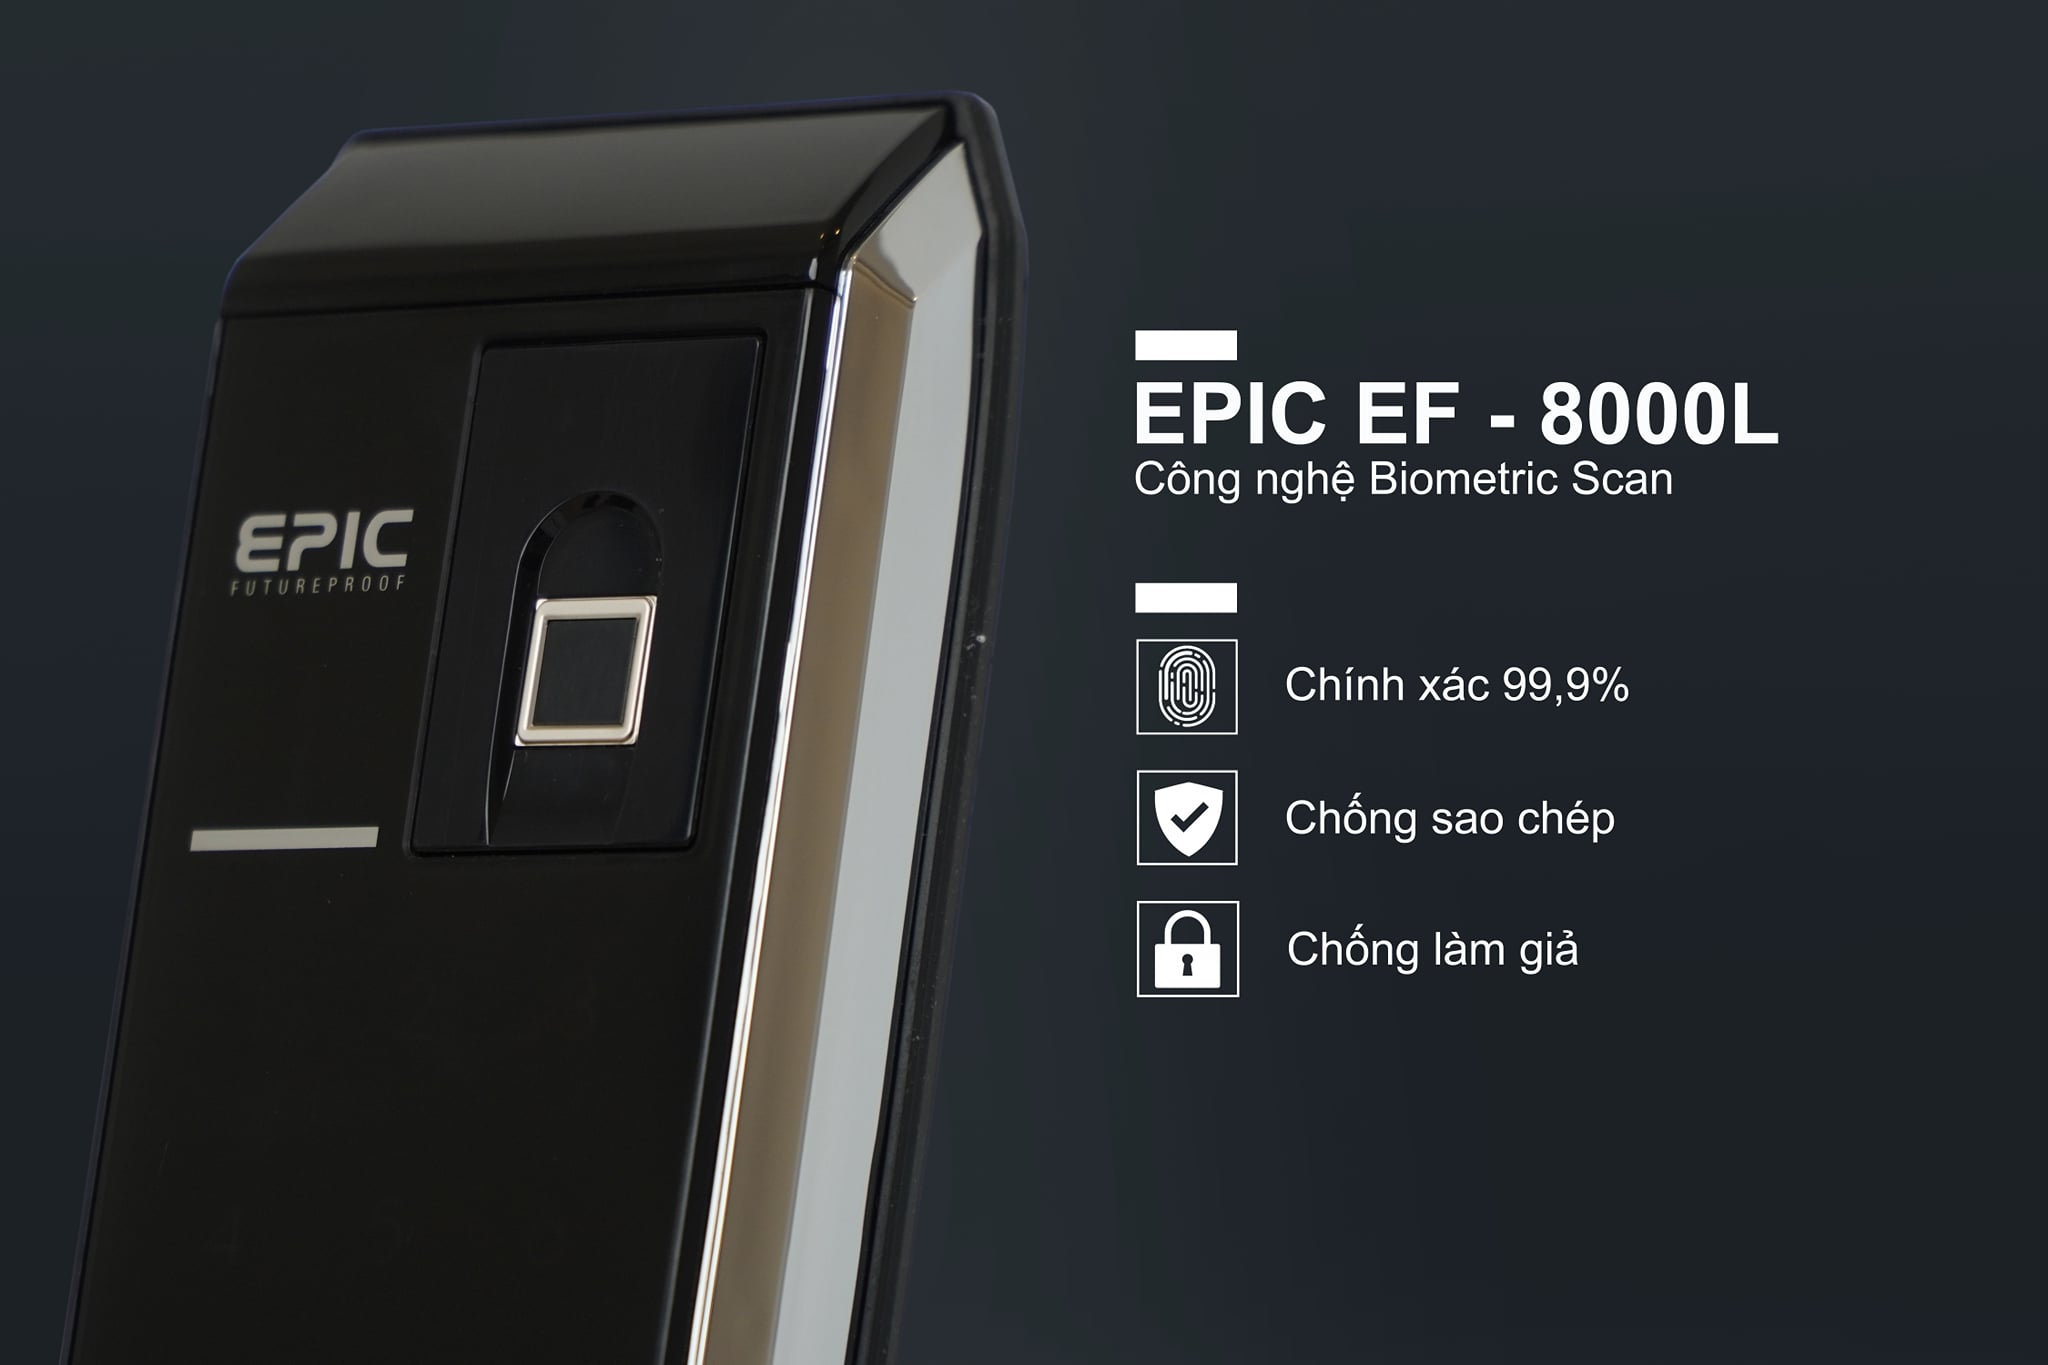 khoa-cua-van-tay-epic-ef-8000l